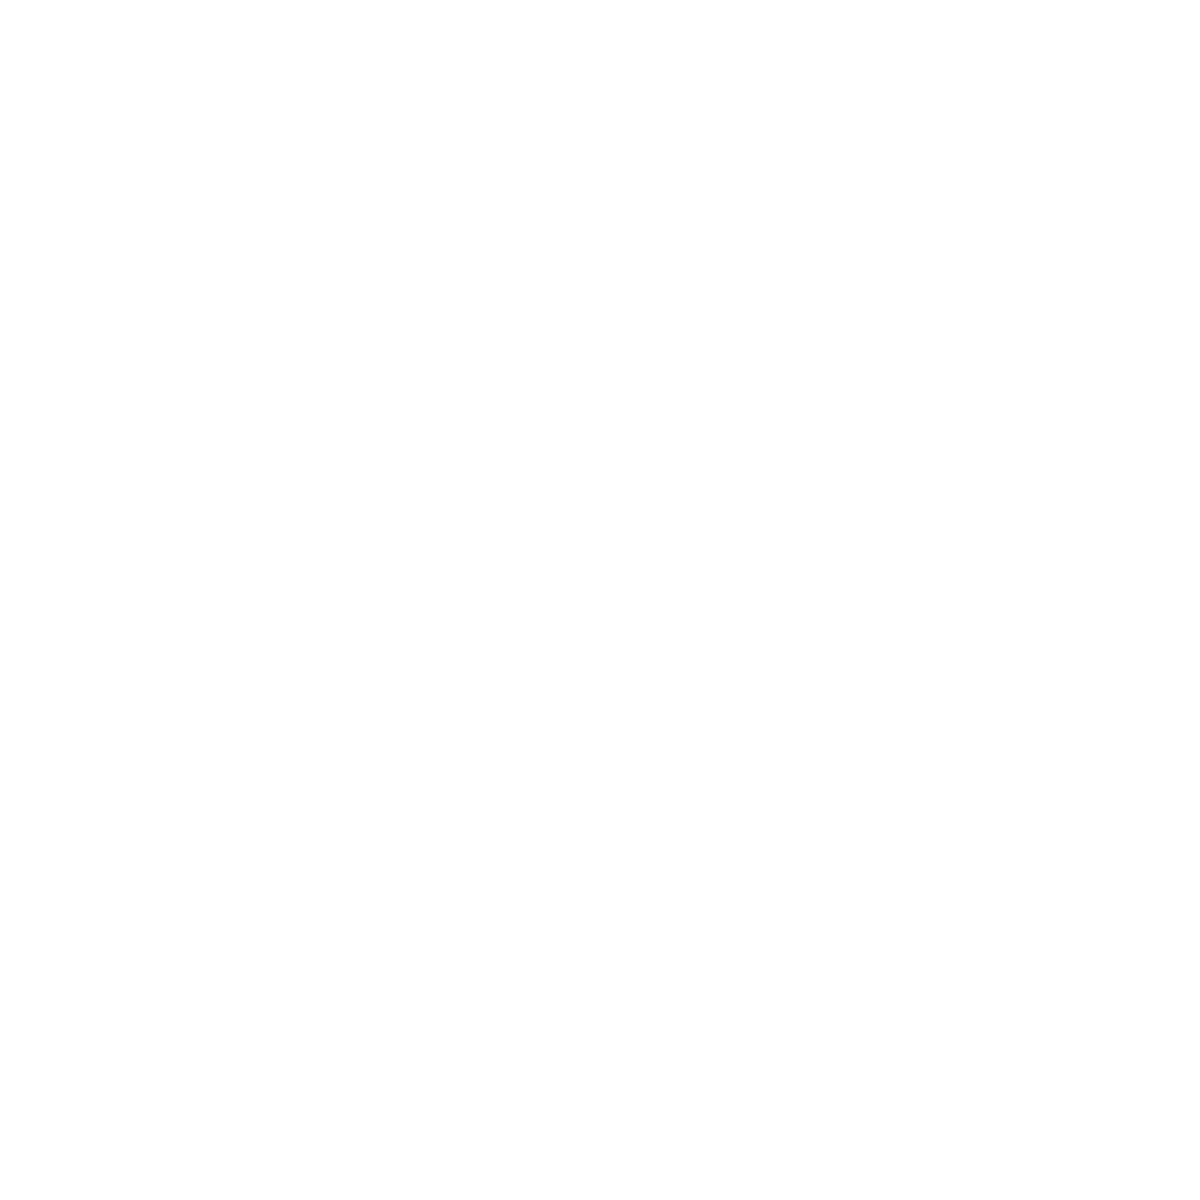 icon-mat-dumbells